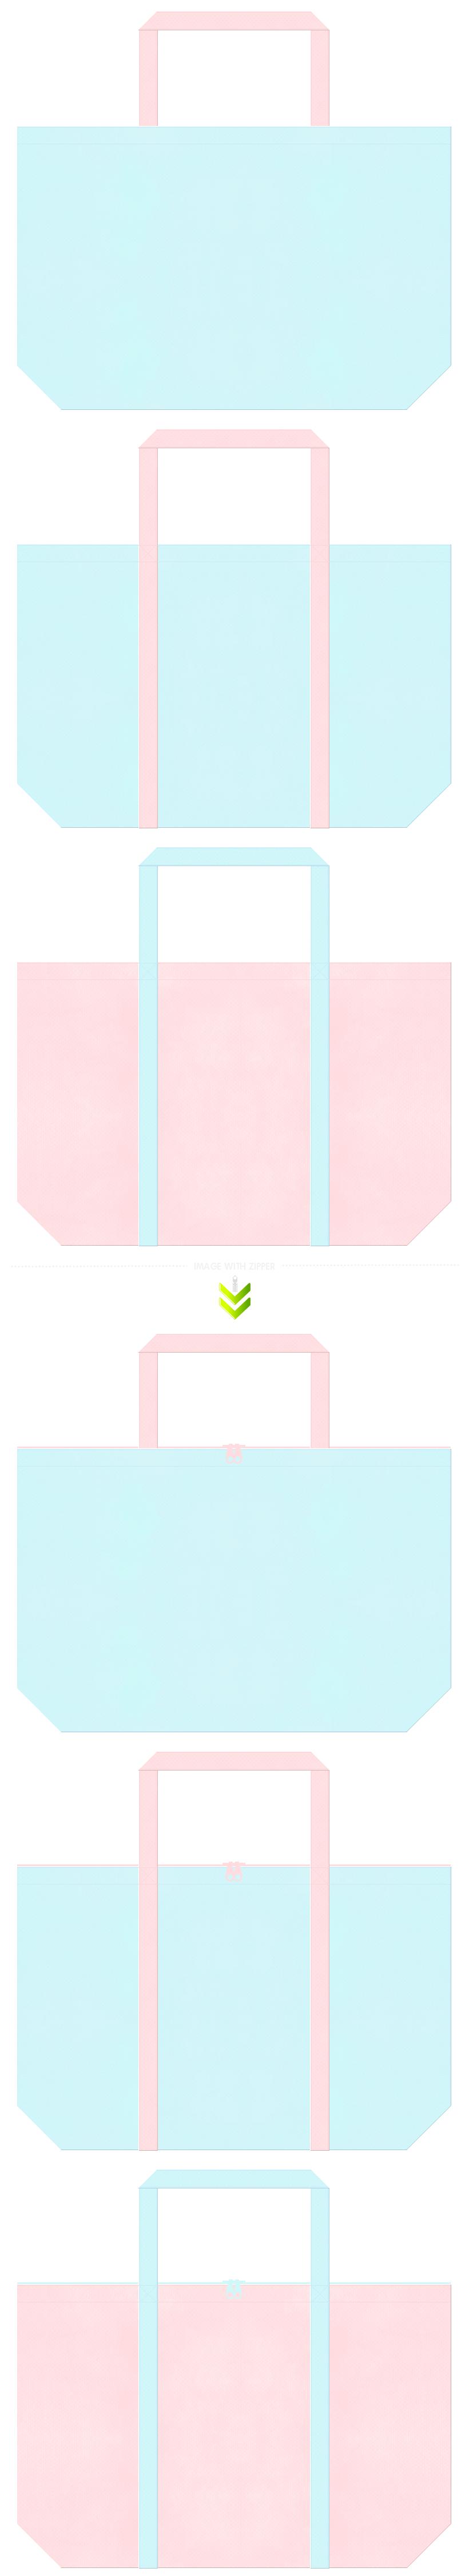 水色と桜色の不織布エコバッグのデザイン。浴衣・石鹸・シャンプー・入浴剤・バス用品にお奨めの配色です。